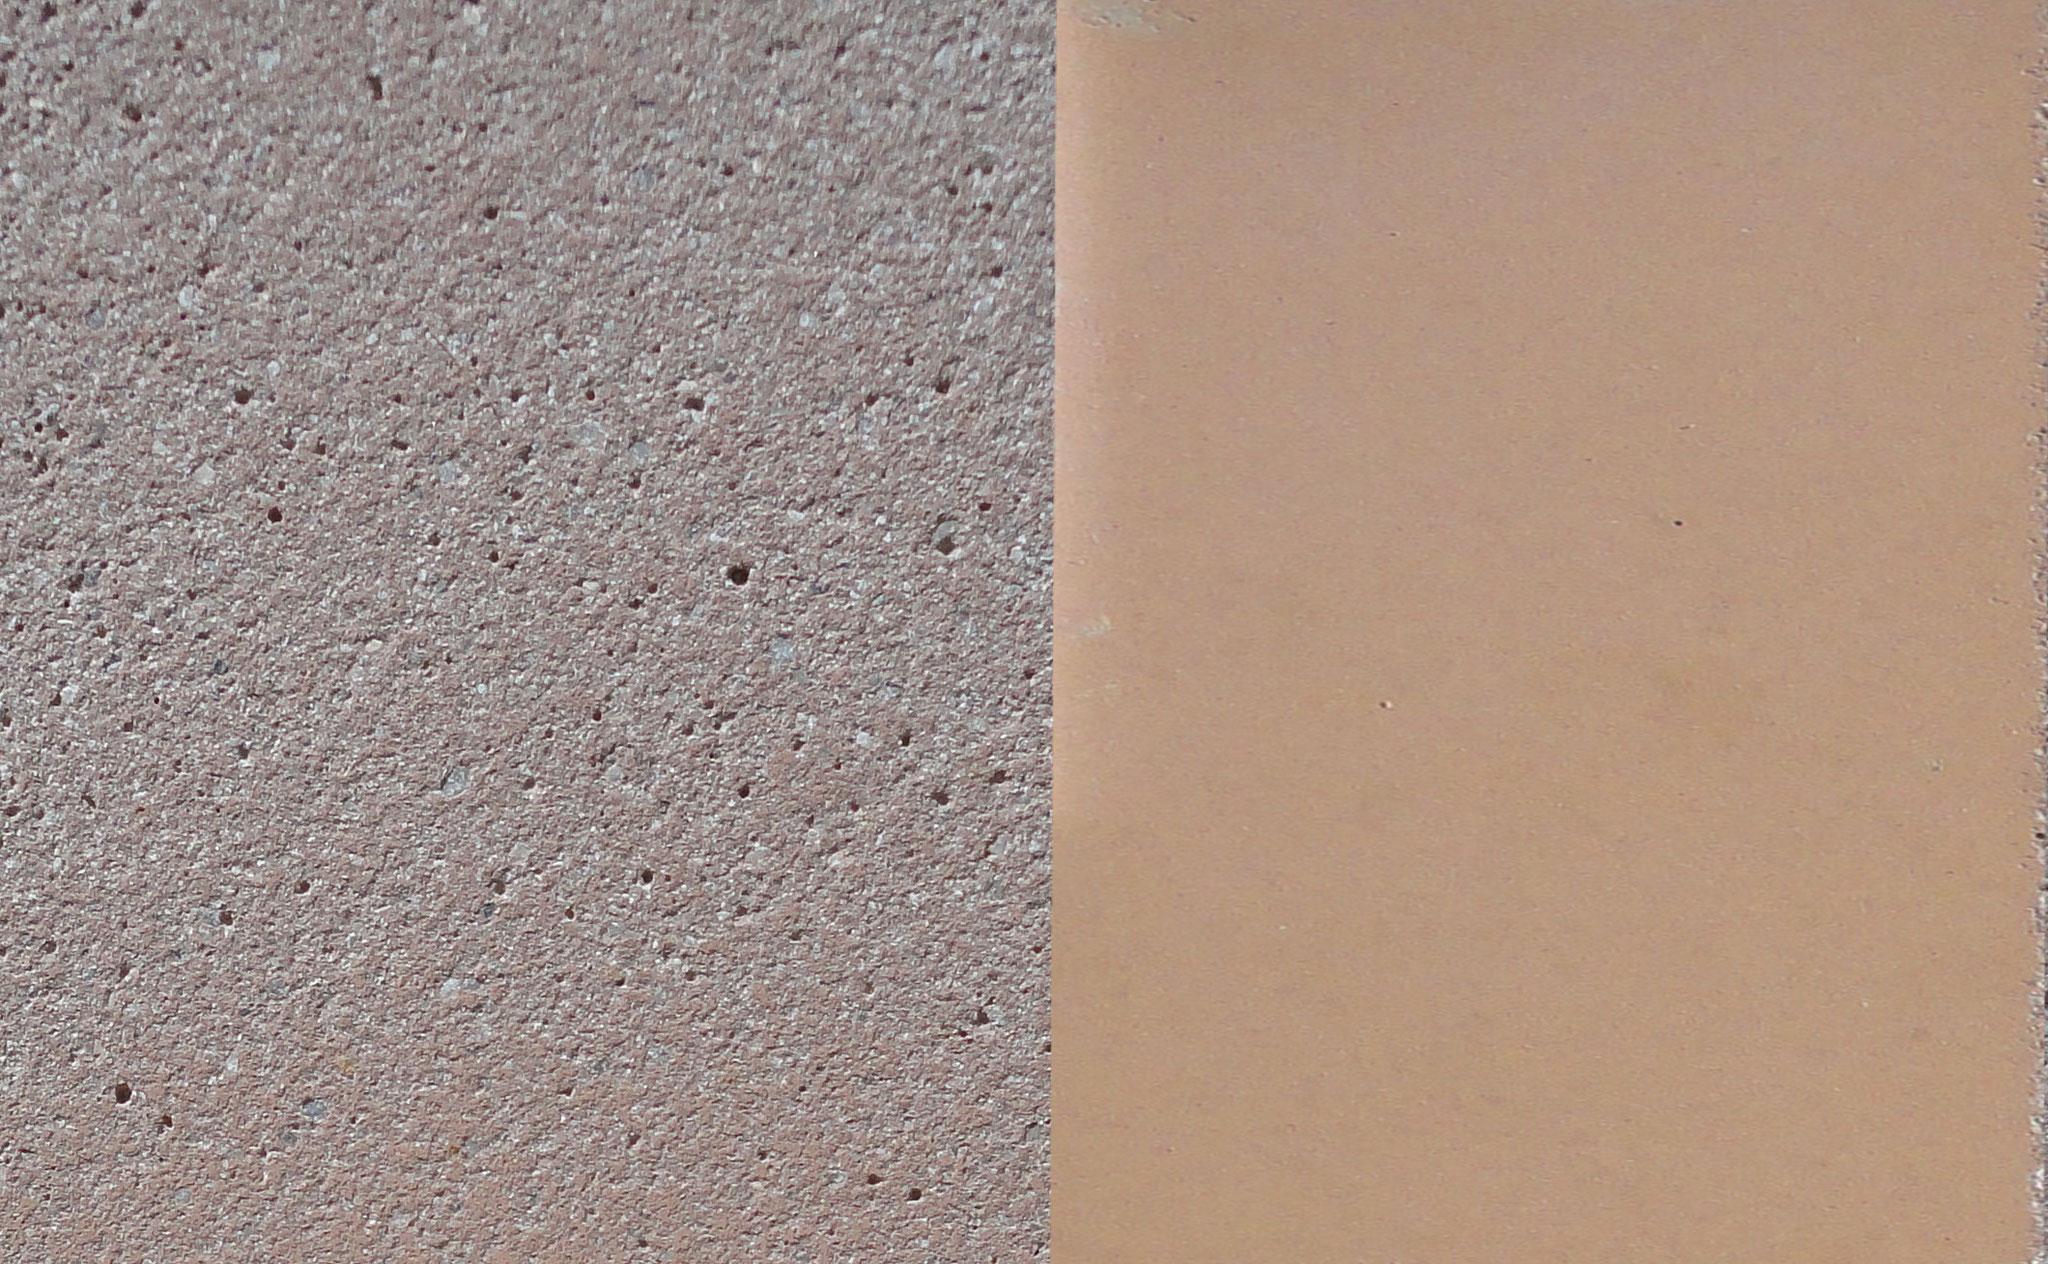 Farbe: ocker-grau, Farbnummer: 1, sandgestrahlt/schalrein